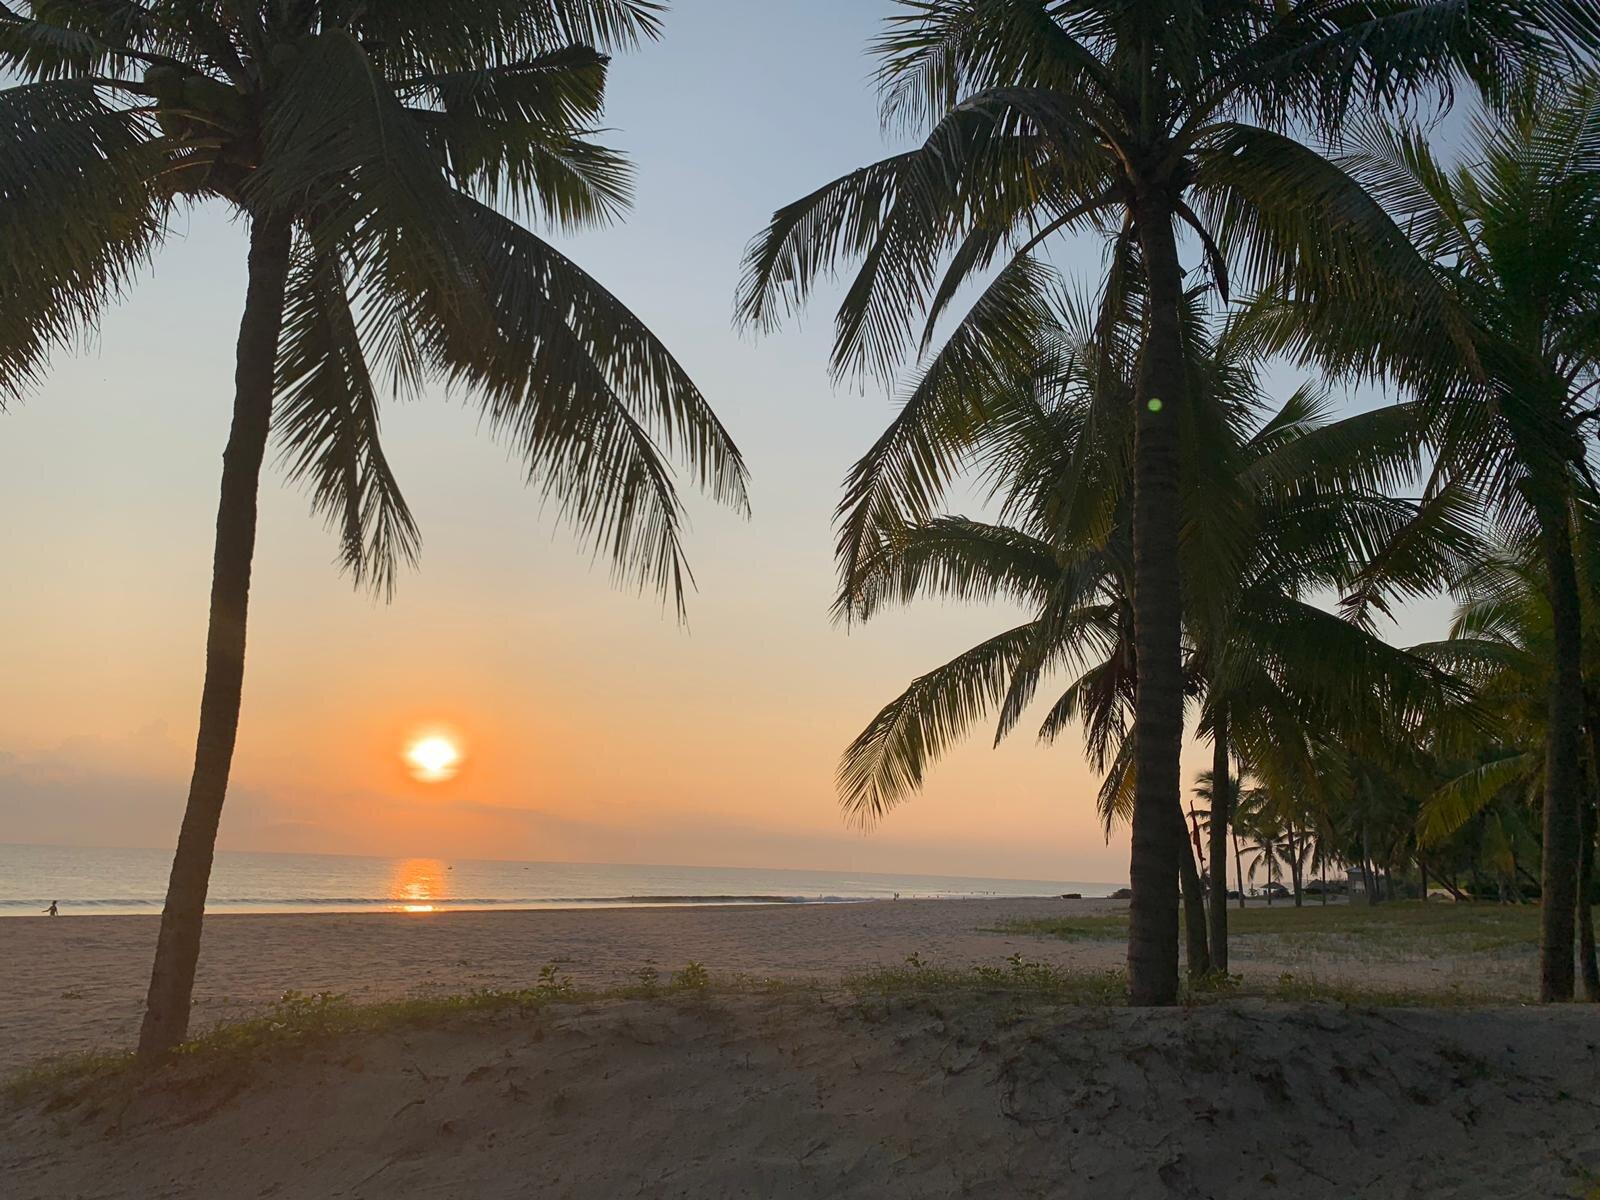 Sunrise in Da Nang